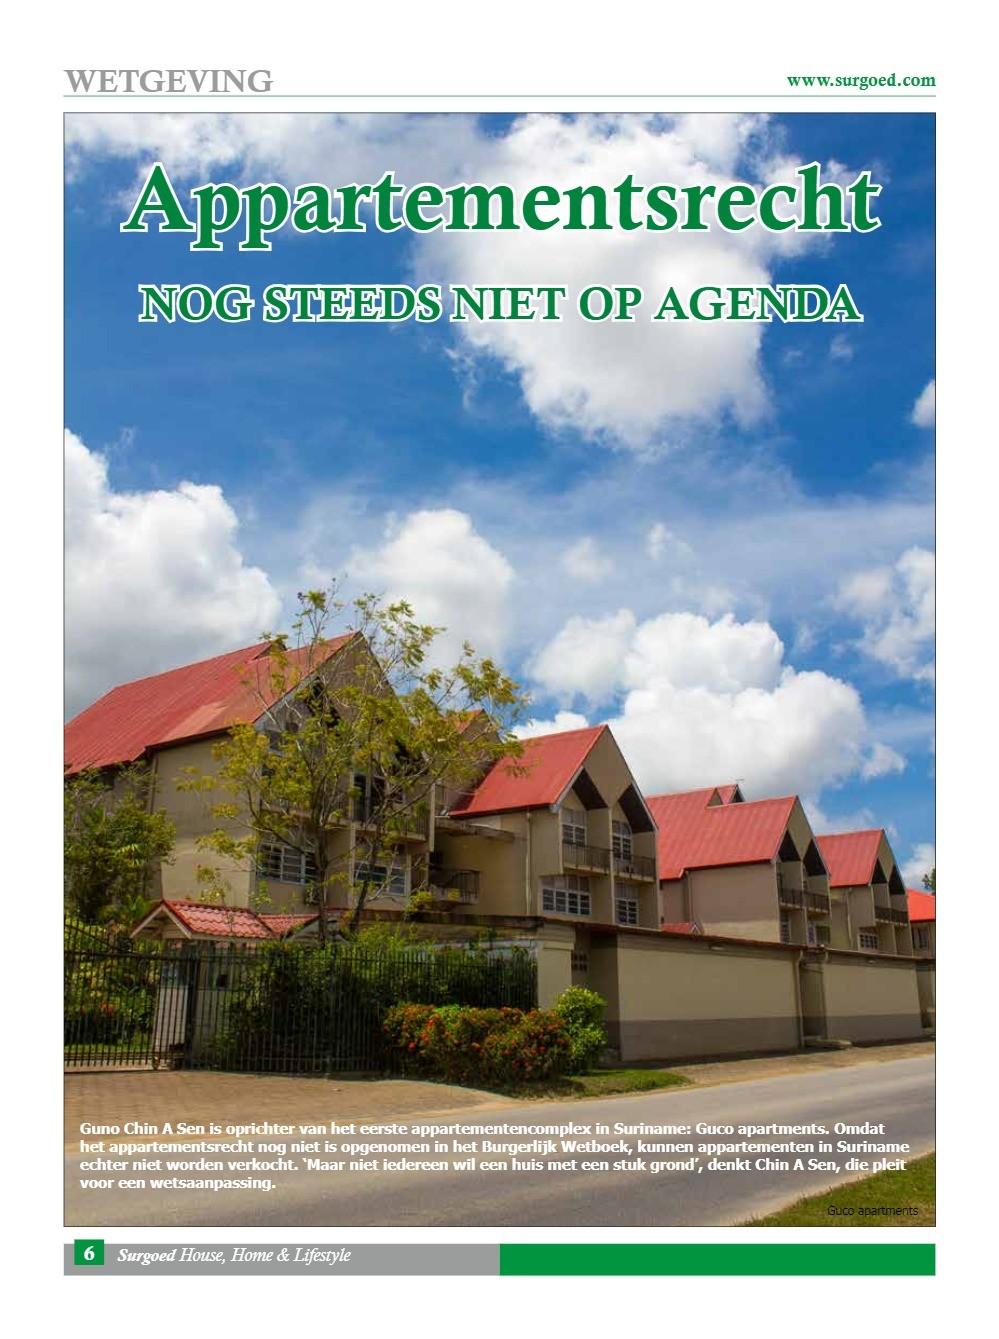 Appartementsrecht nog steeds niet op agenda